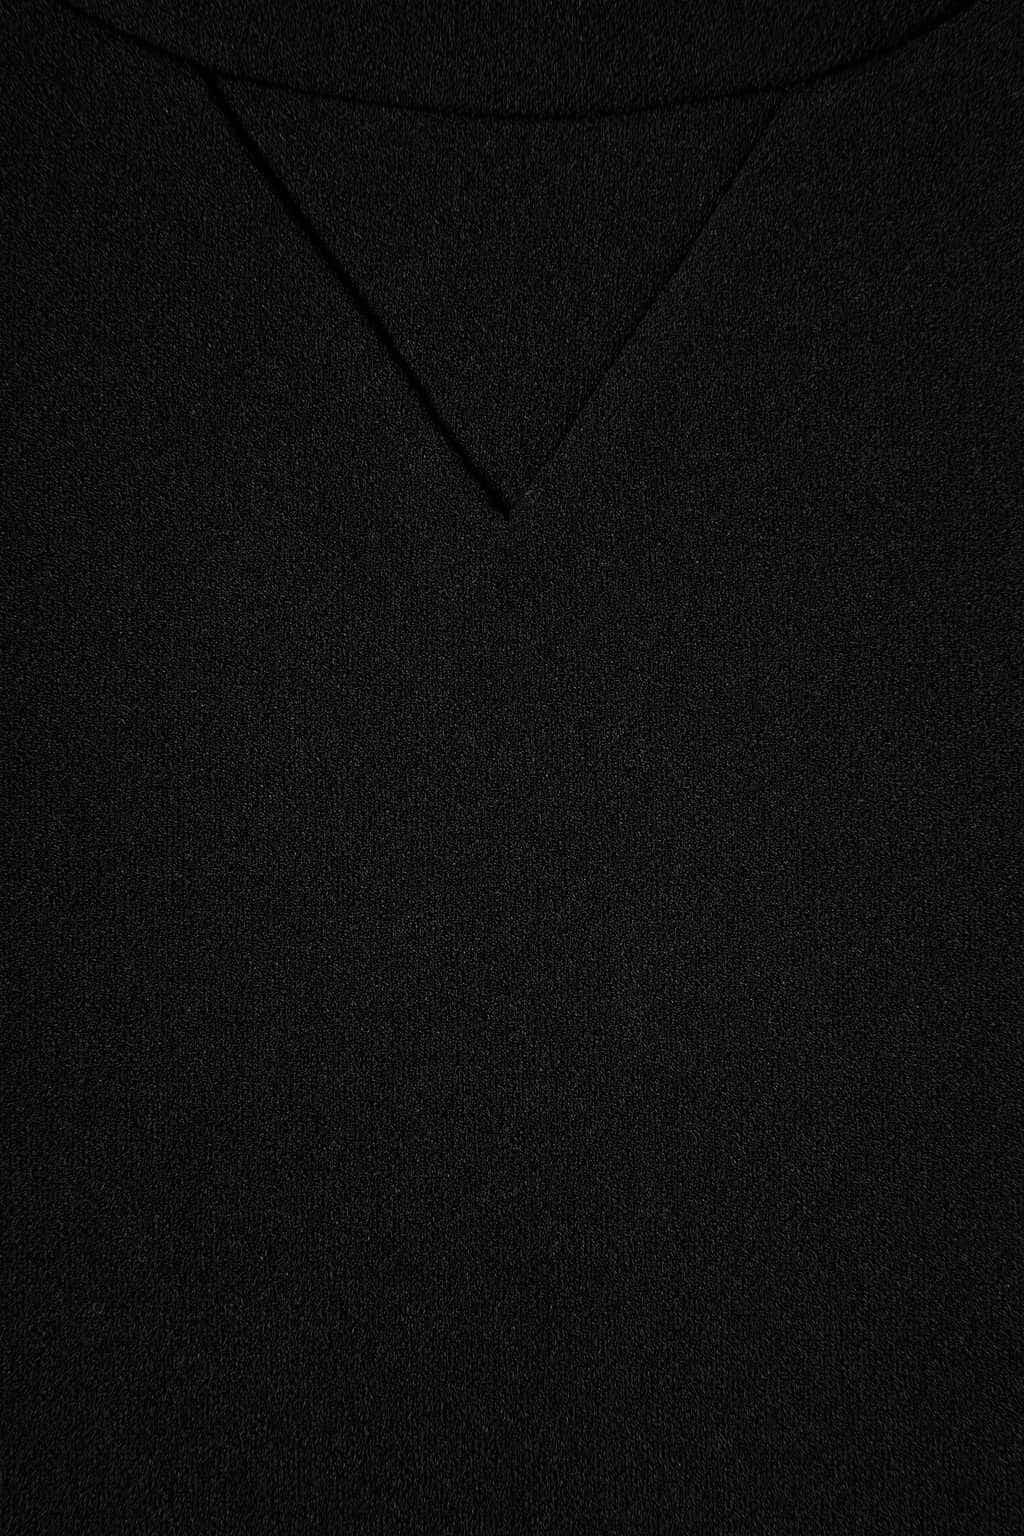 TShirt 2654 Black 16